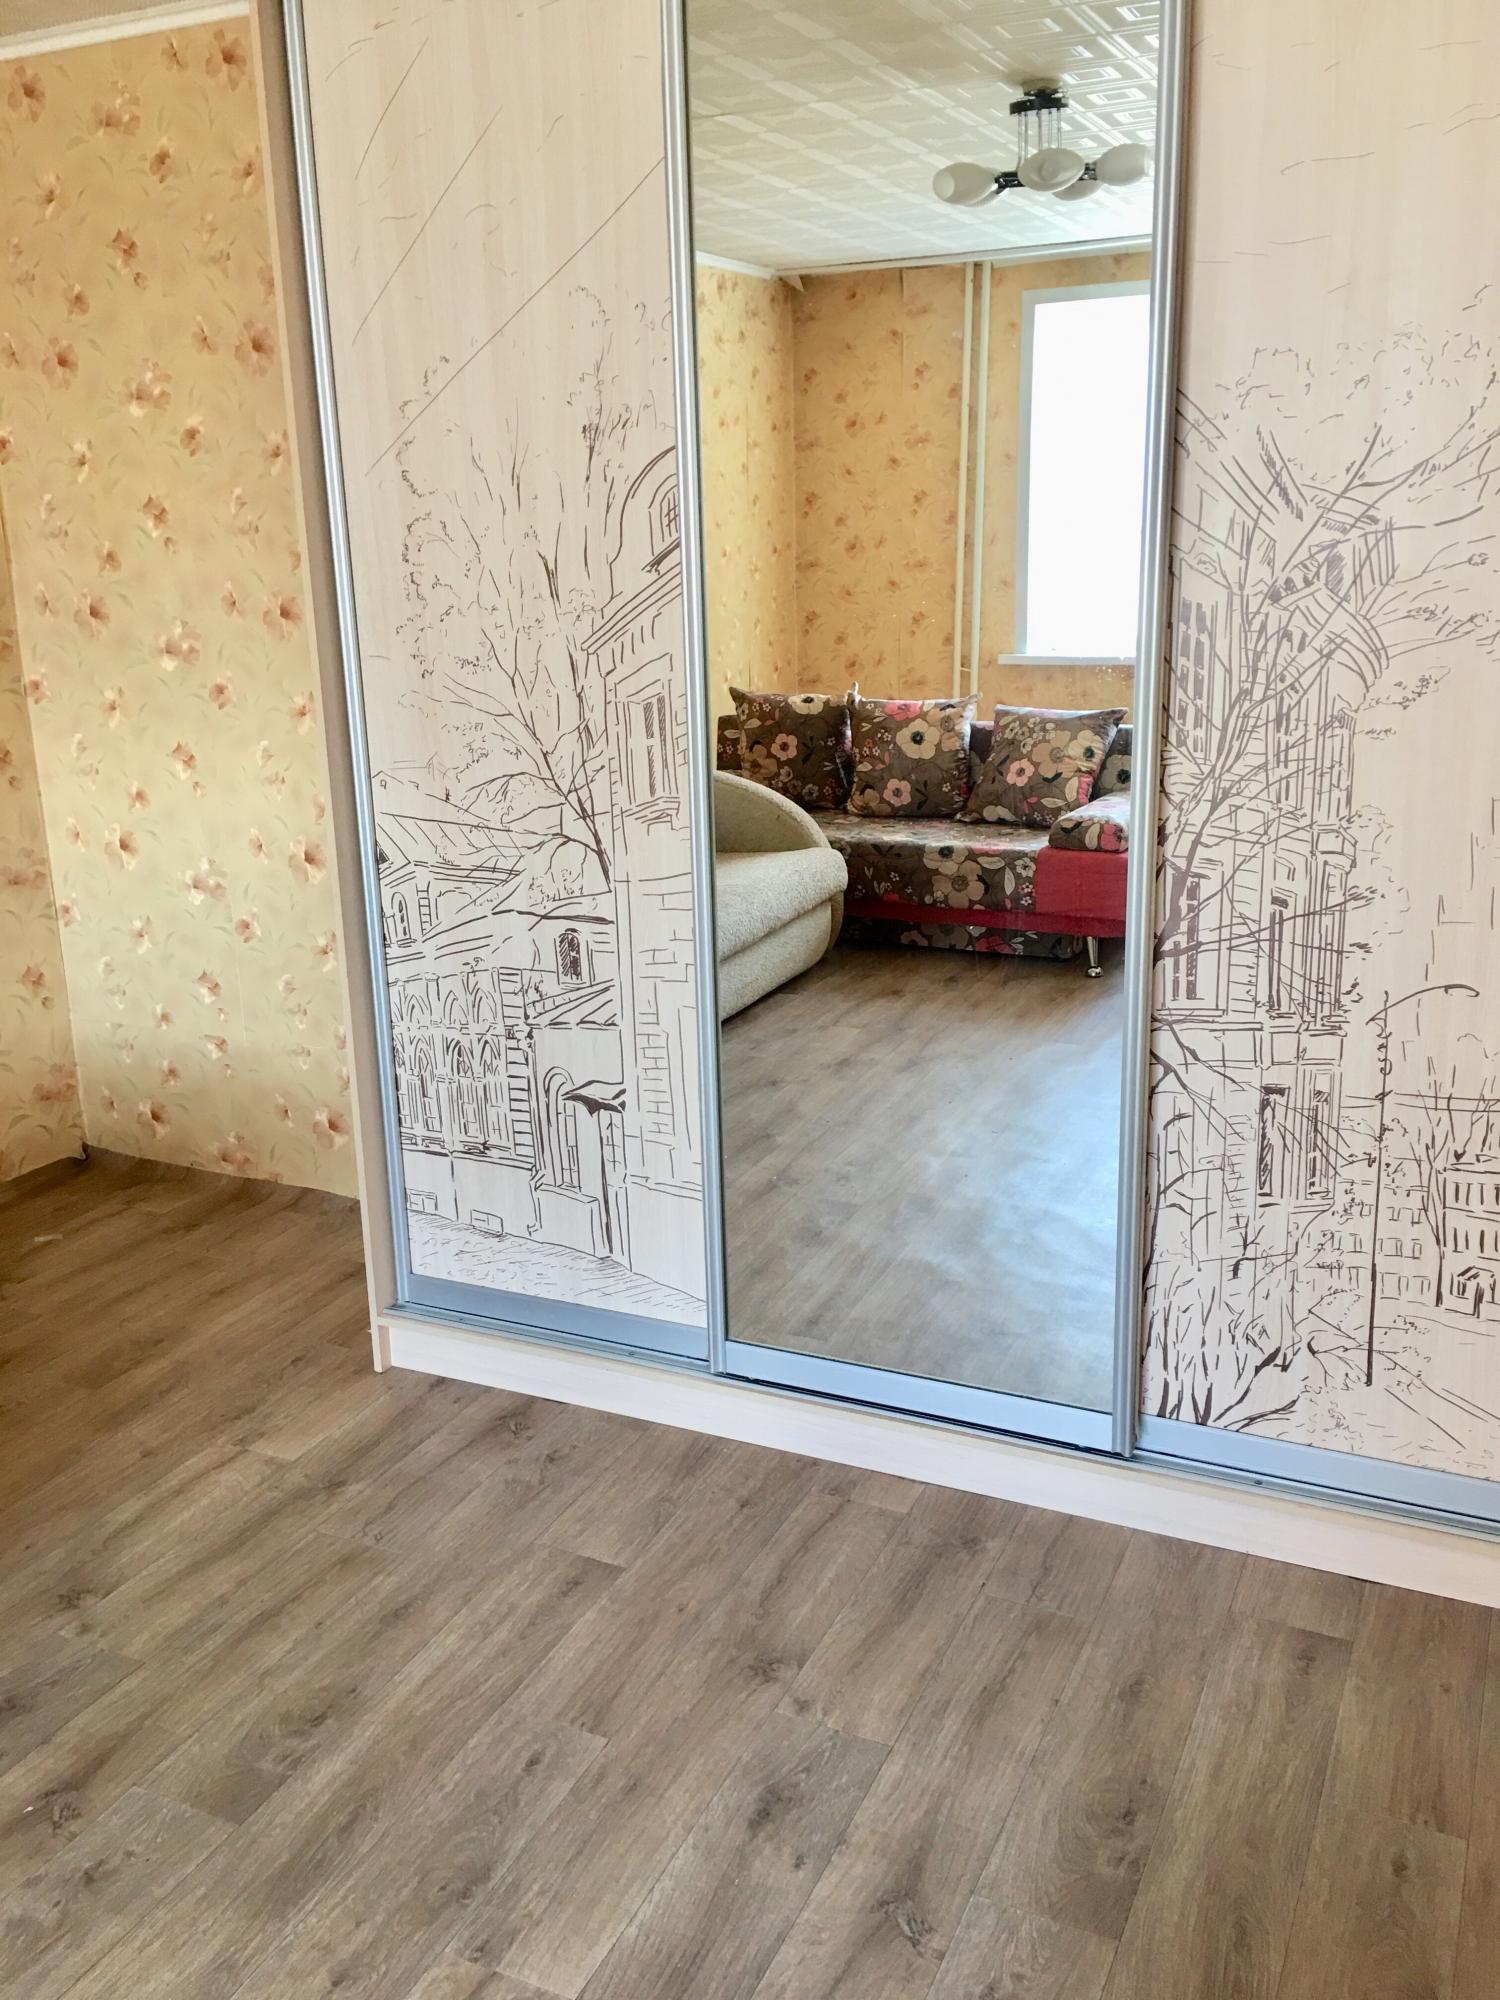 Аренда 3-комнатной квартиры, г. Тольятти, Свердлова улица  дом 9Г